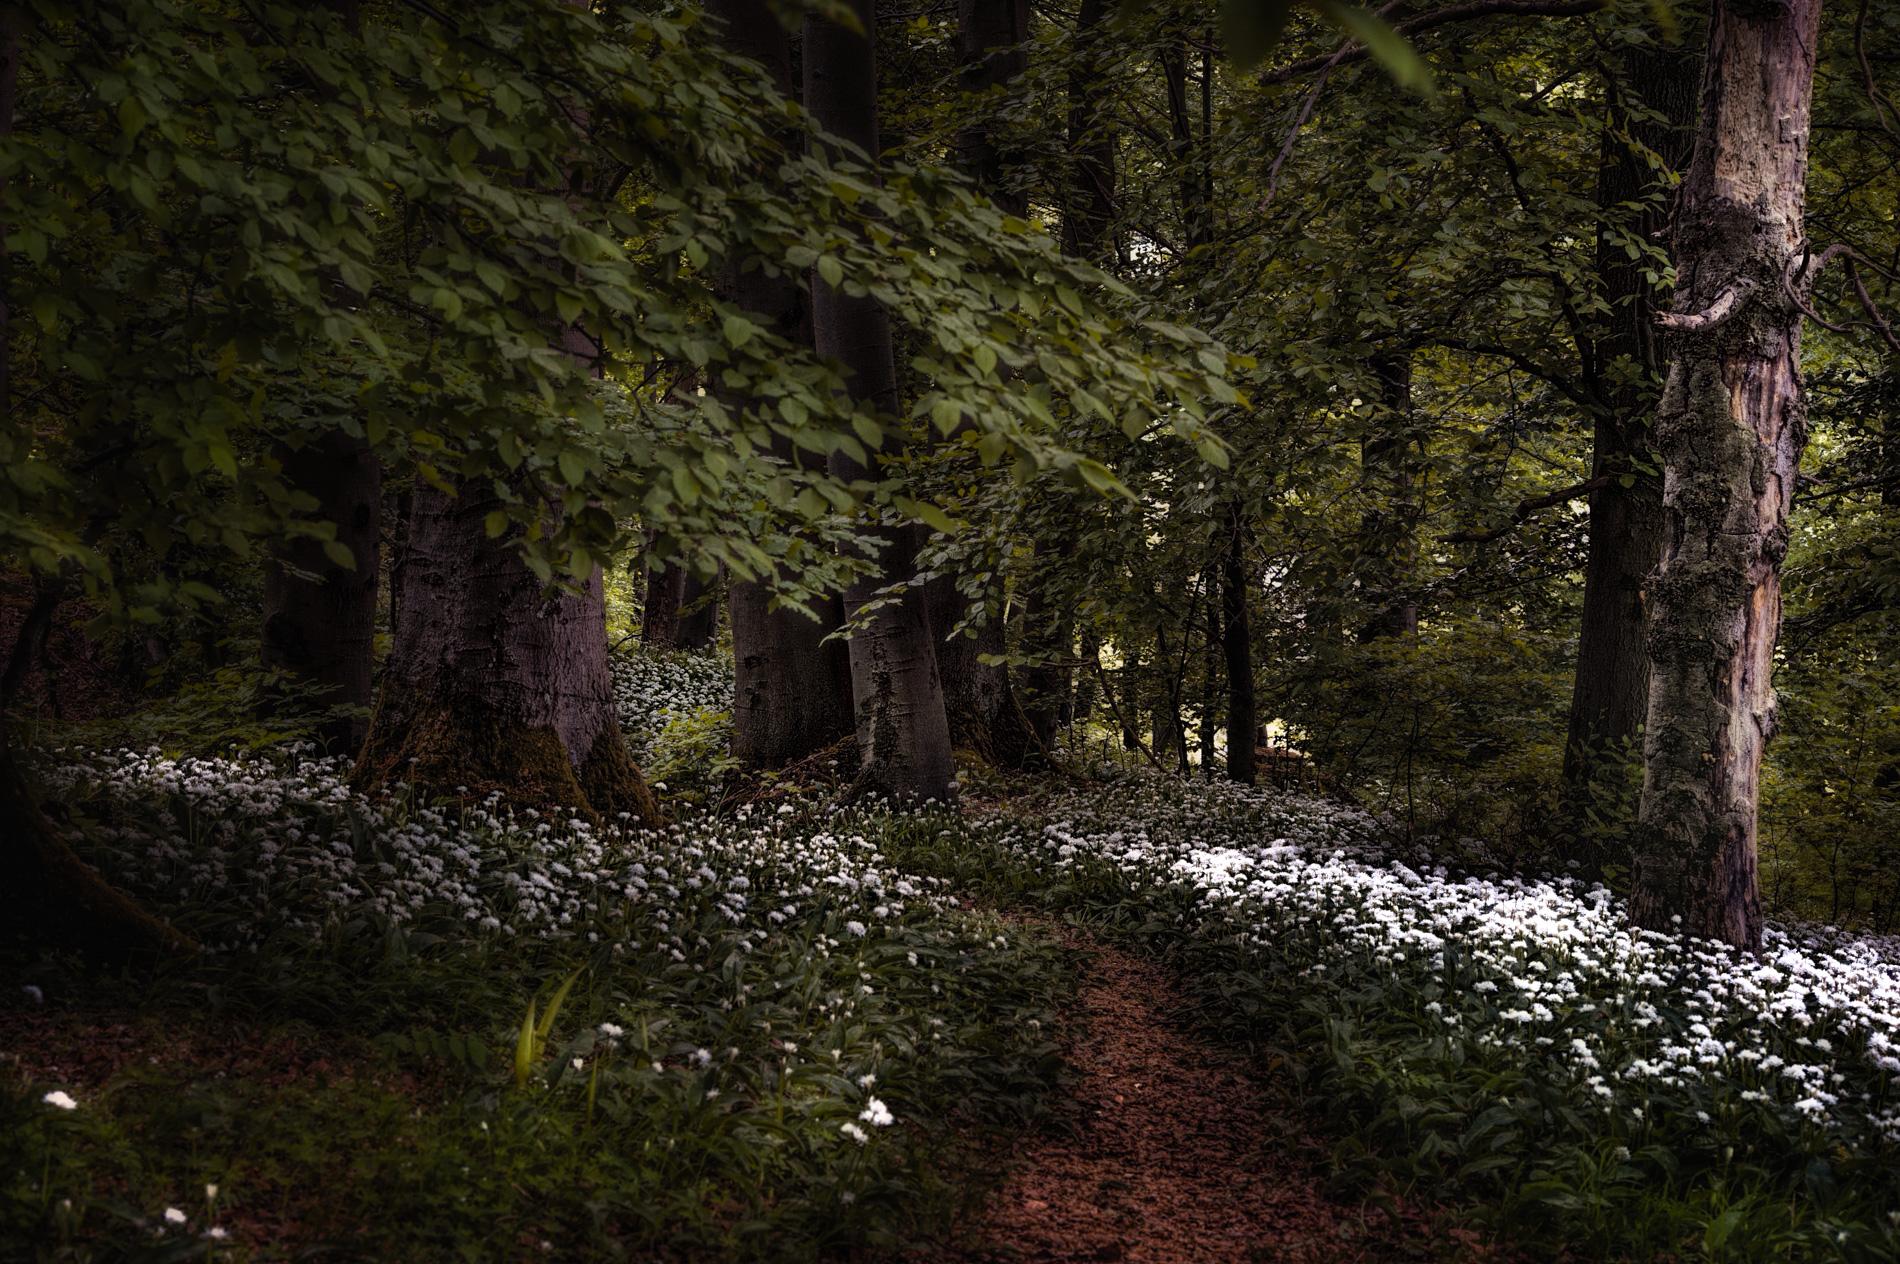 Ein kleiner Pfad, der sich durch den Wald zieht, wird rechts und links mit Bärlauch geschmückt. In der Stille hört man ein harmonisches Vogelgezwitscher. Es gibt einem das Gefühl, als wäre man in einem Märchenwald. Um den Bärlauch nicht zu beschädigen, sollte man den Pfad nicht verlassen.